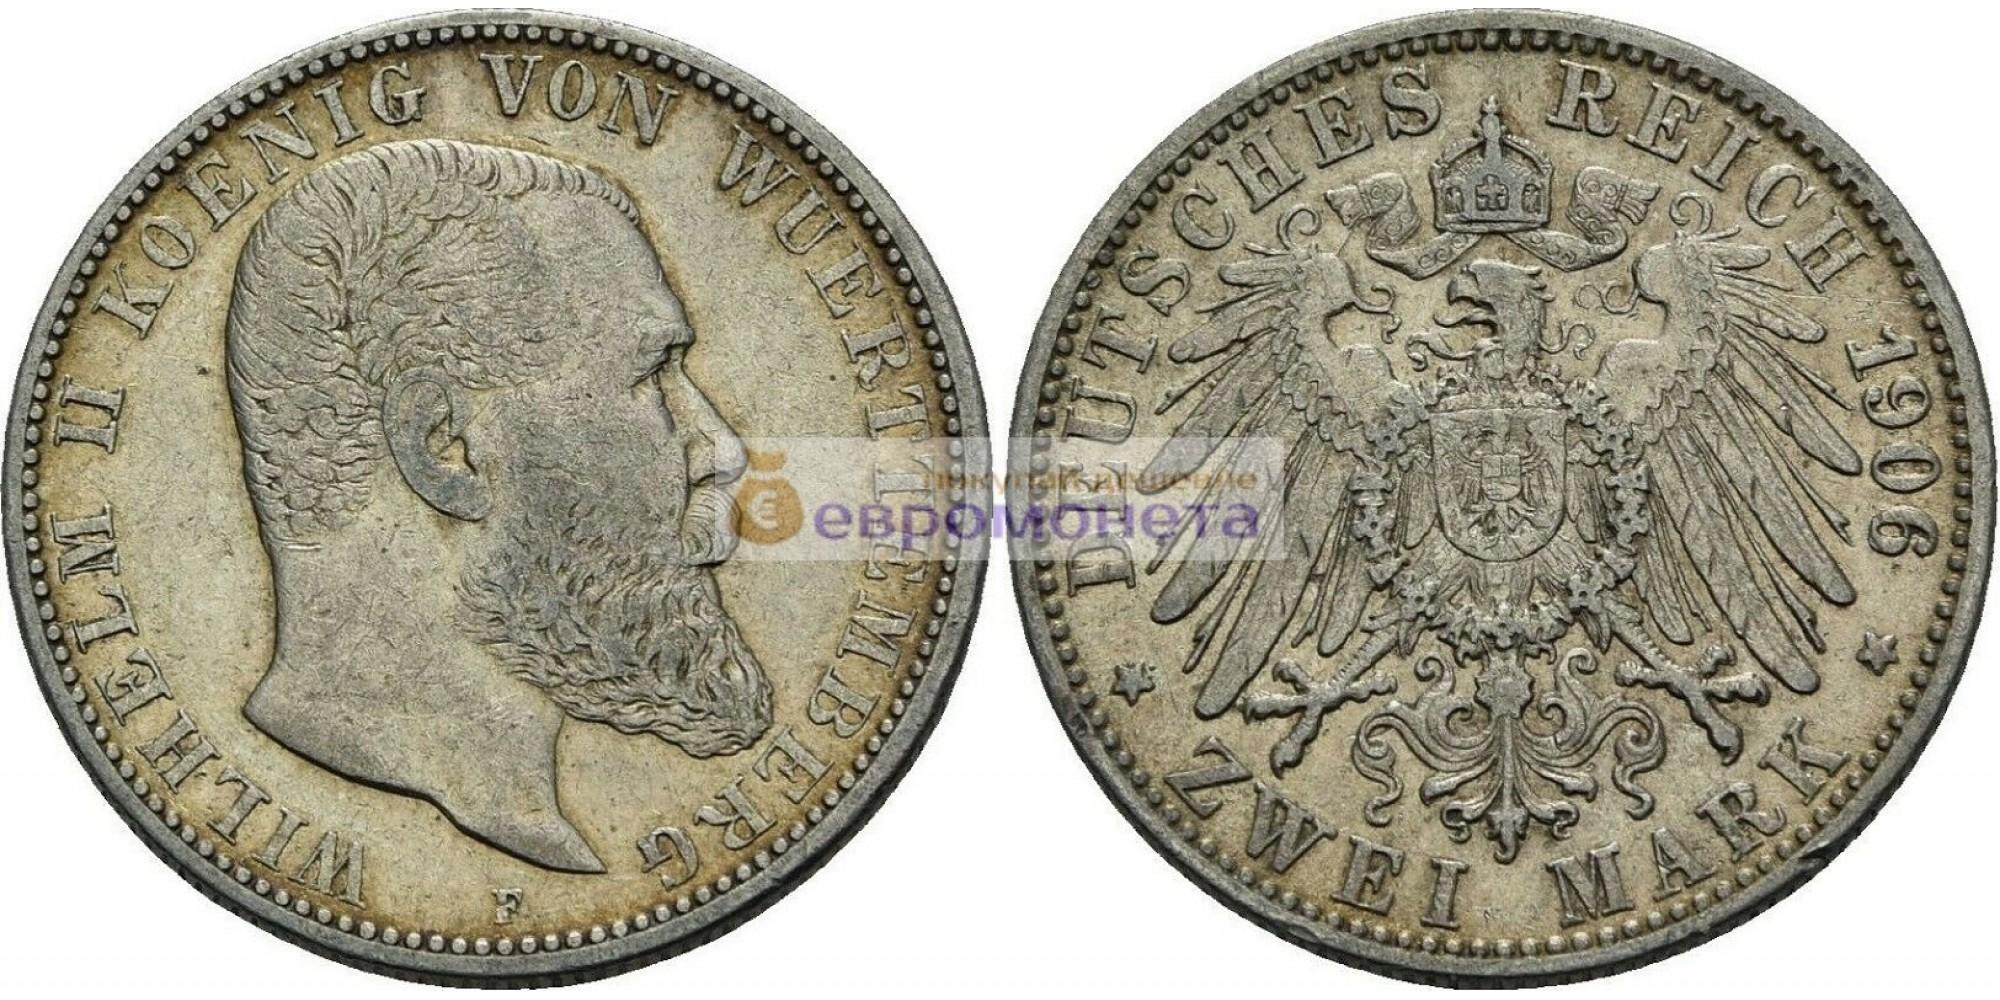 """Германская империя Вюртемберг 2 марки 1906 год """"F"""" Вильгельм II. Серебро"""